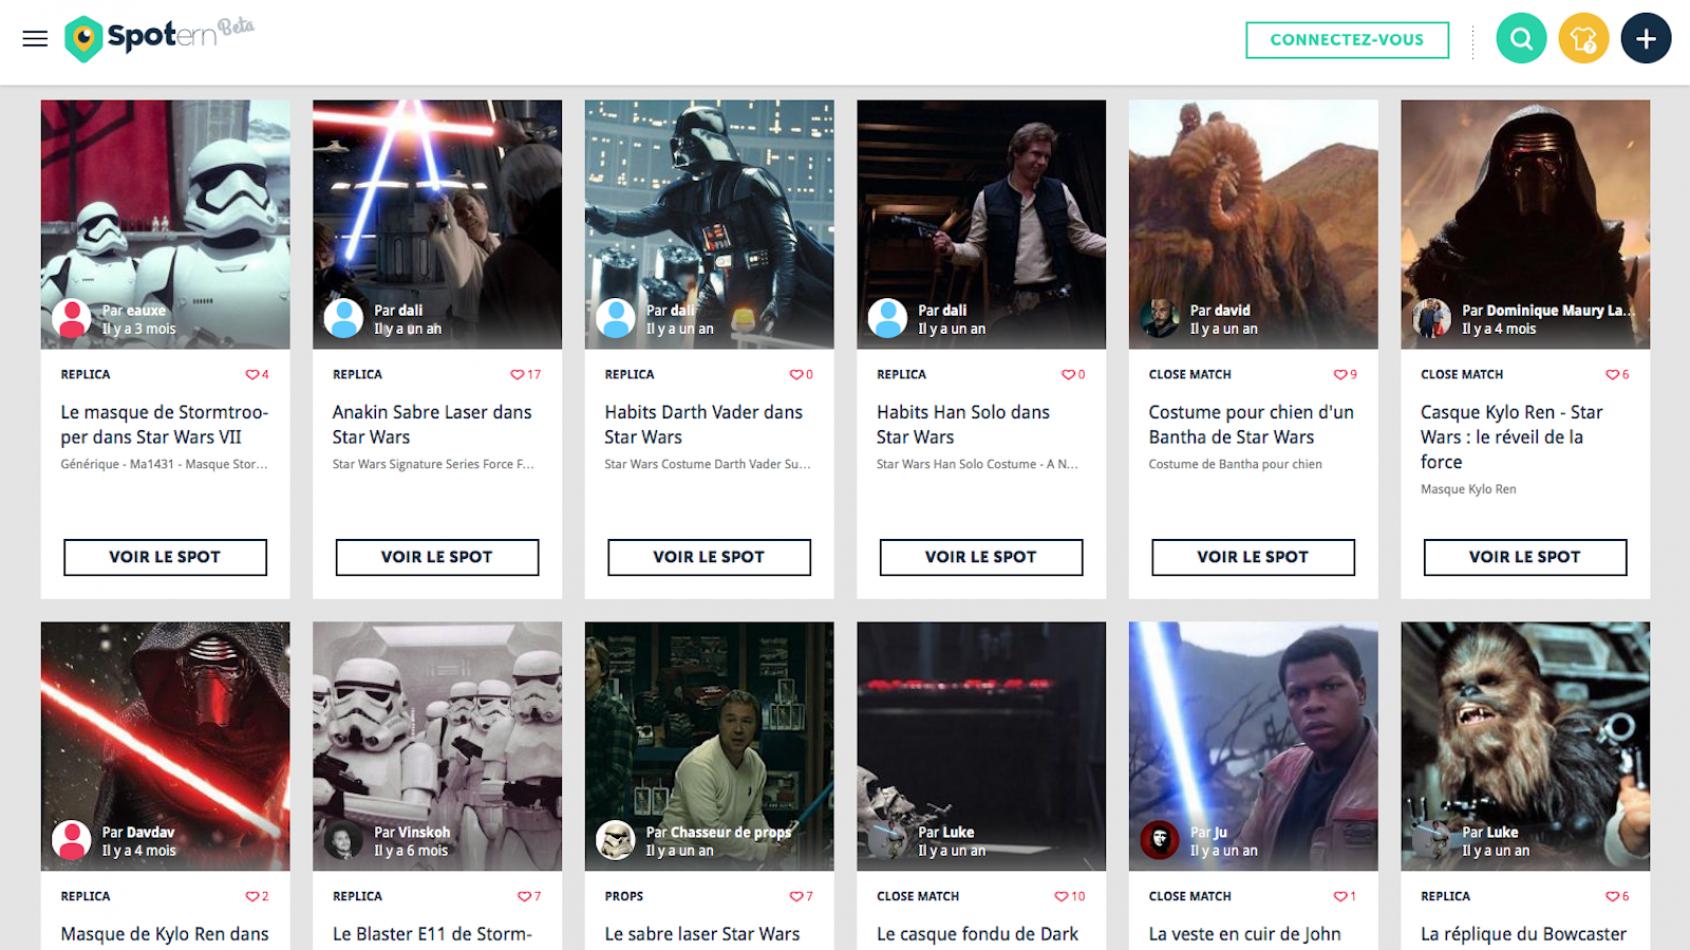 Spotern référence les produits vus dans Star Wars avec PSW